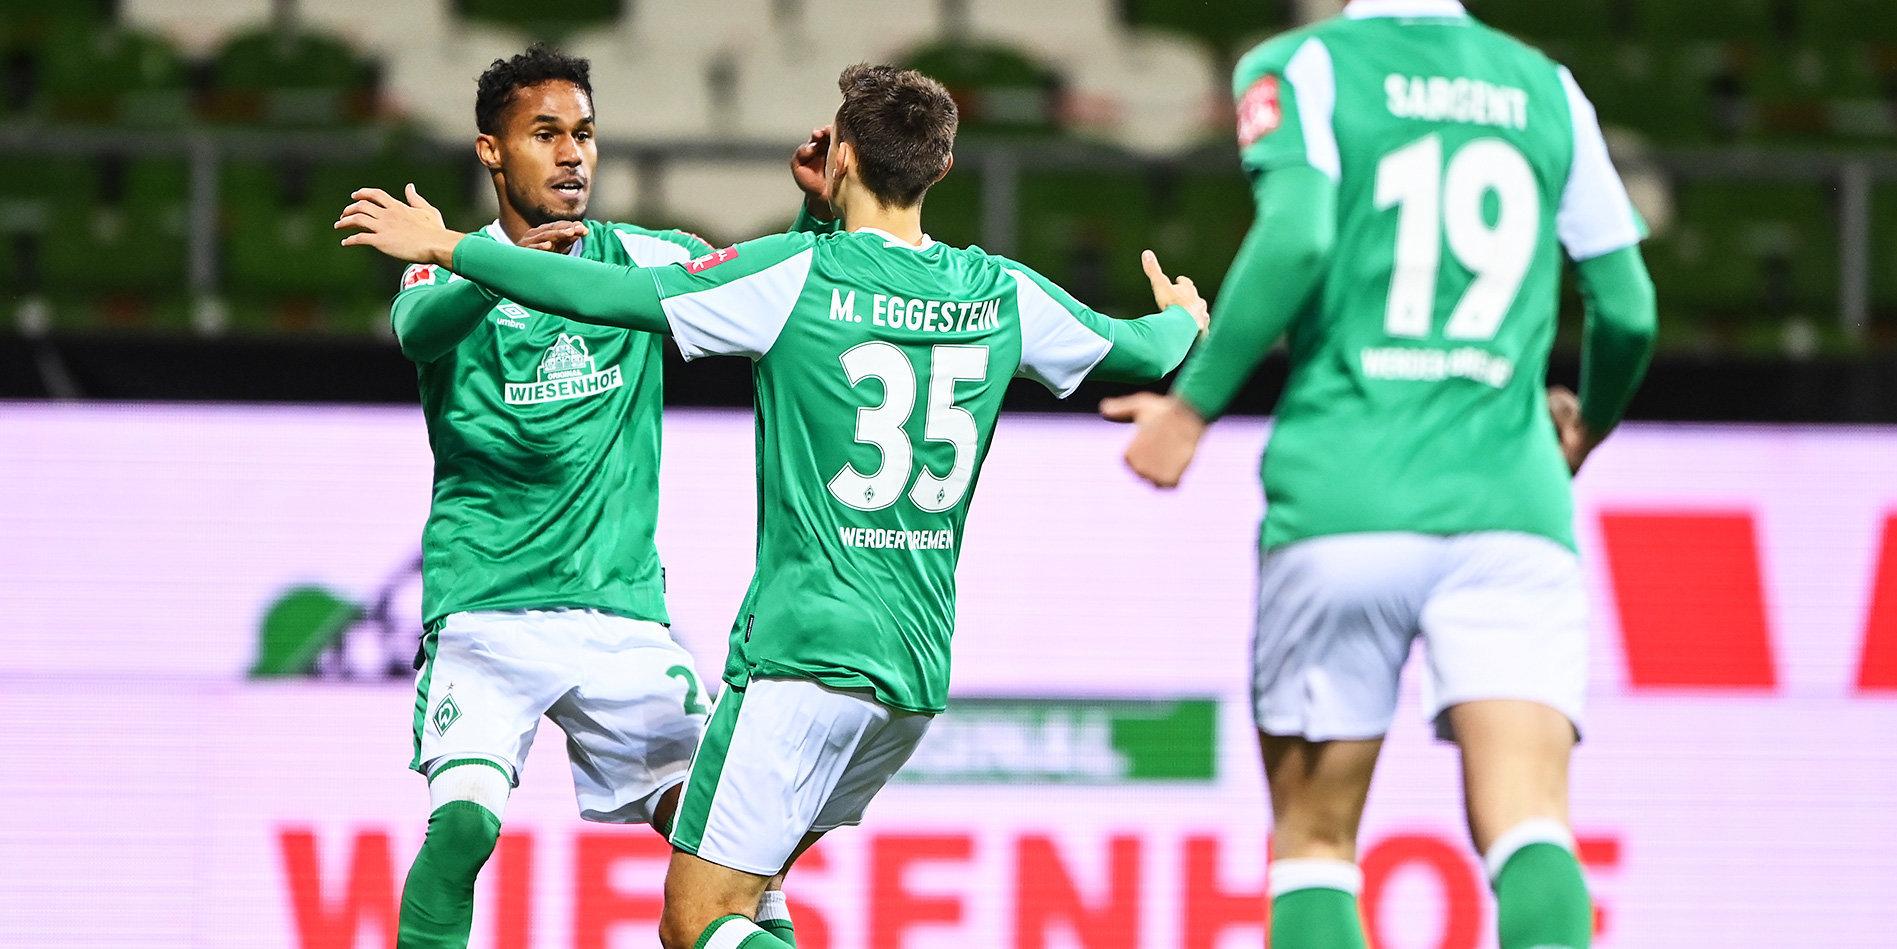 «Вердер» обыграл «Ян Регенсбург» и стал последним полуфиналистом Кубка Германии